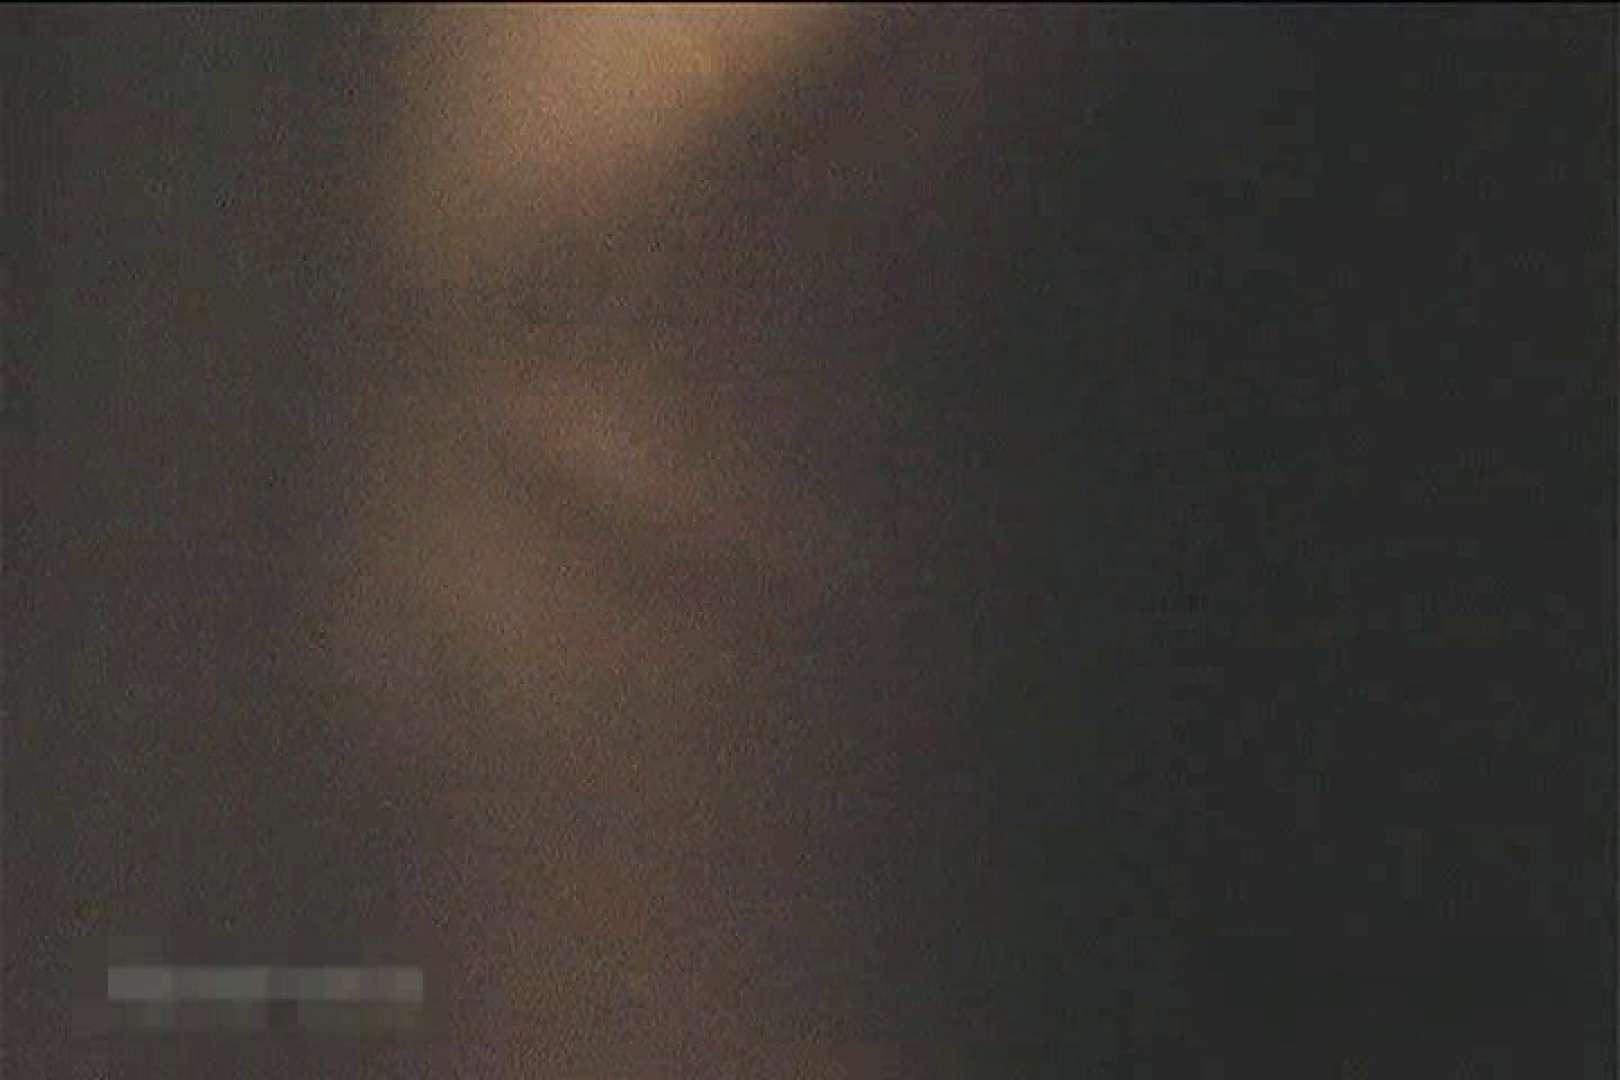 激撮ストーカー記録あなたのお宅拝見しますVol.7 女体盗撮 | OL女体  86連発 53